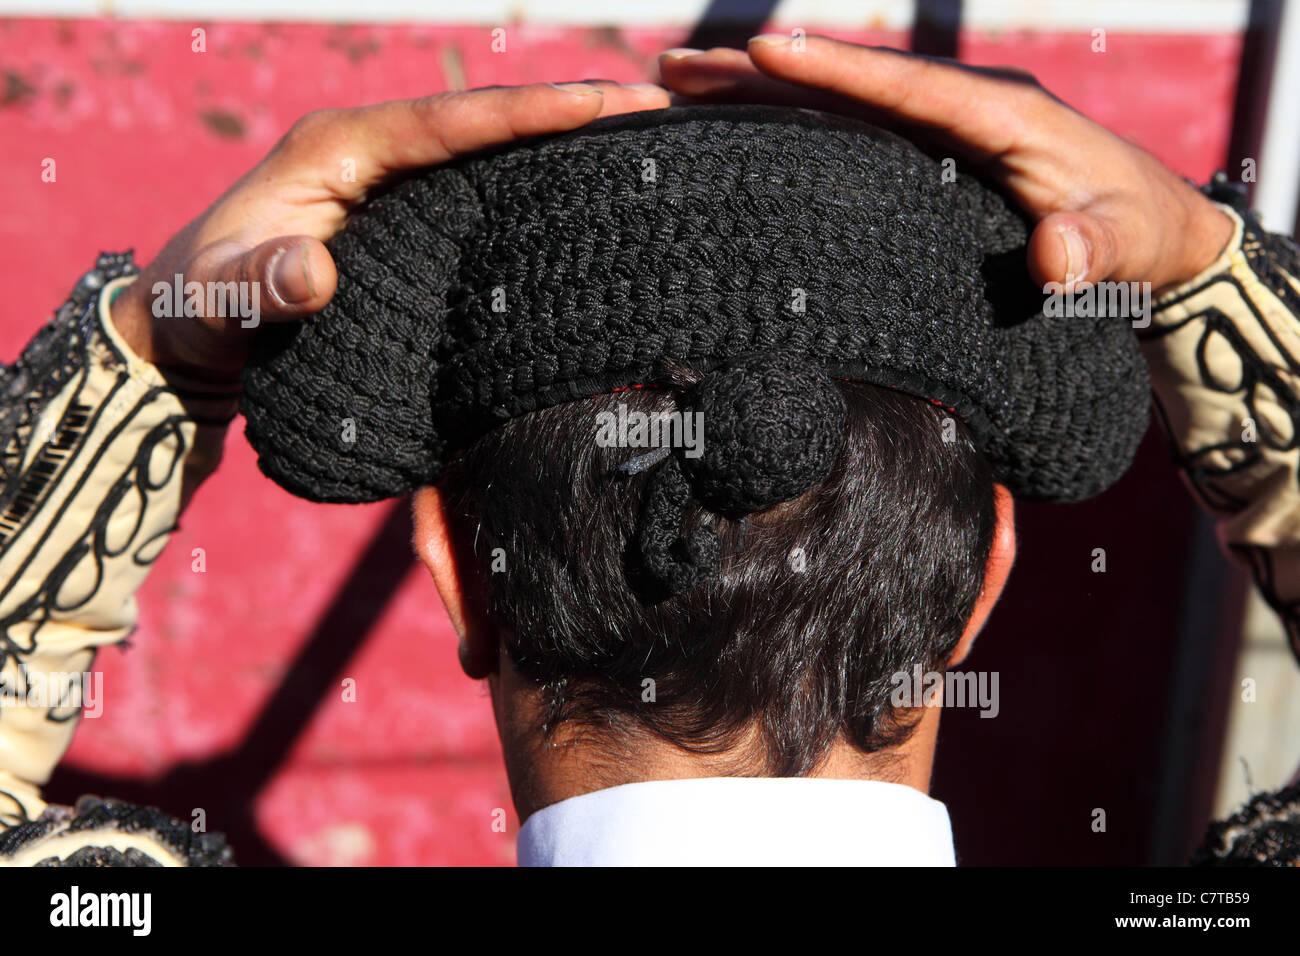 Un torero (Bandarilheiro) pone su sombrero (Montera) en posición antes de  una e9c933b307b